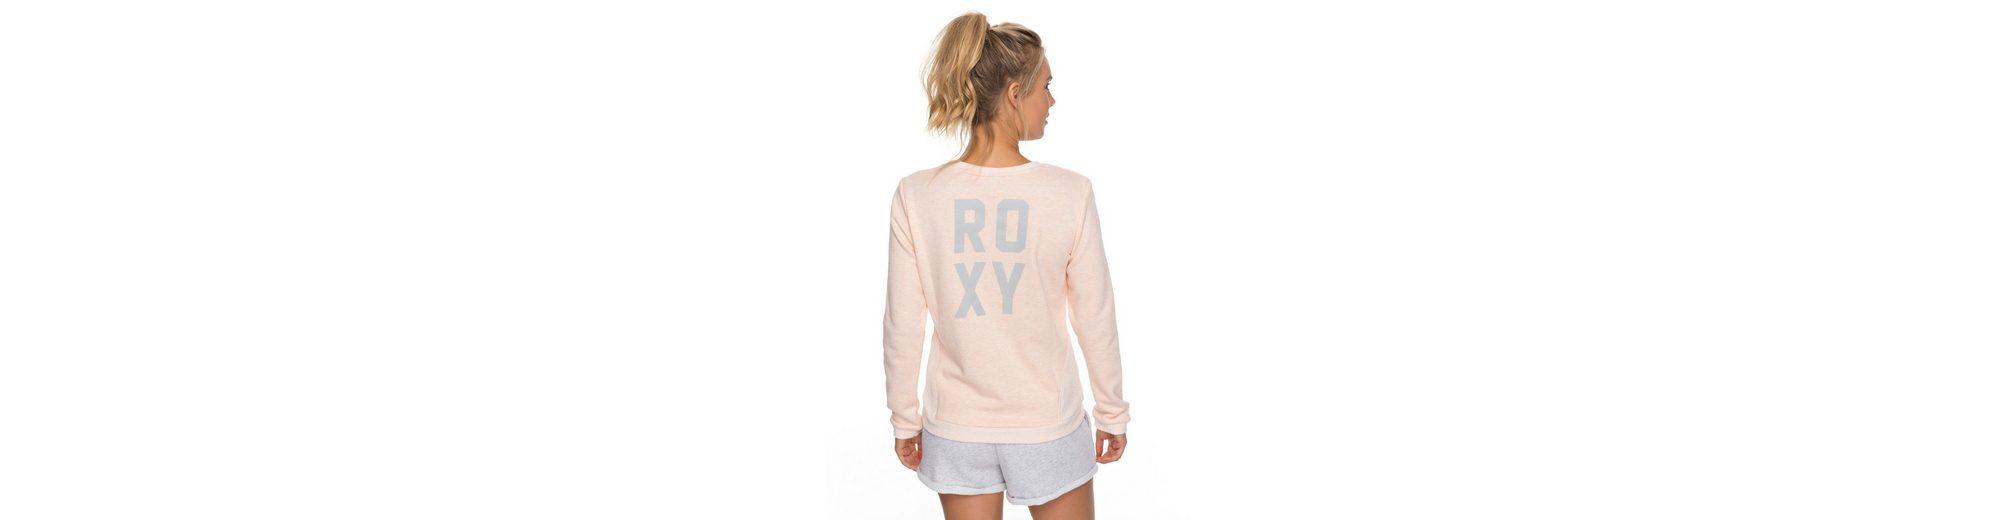 Roxy Sweatshirt Ready To Start B Günstige Preise Authentisch 2018 Neuer Günstiger Preis jhj9dUy